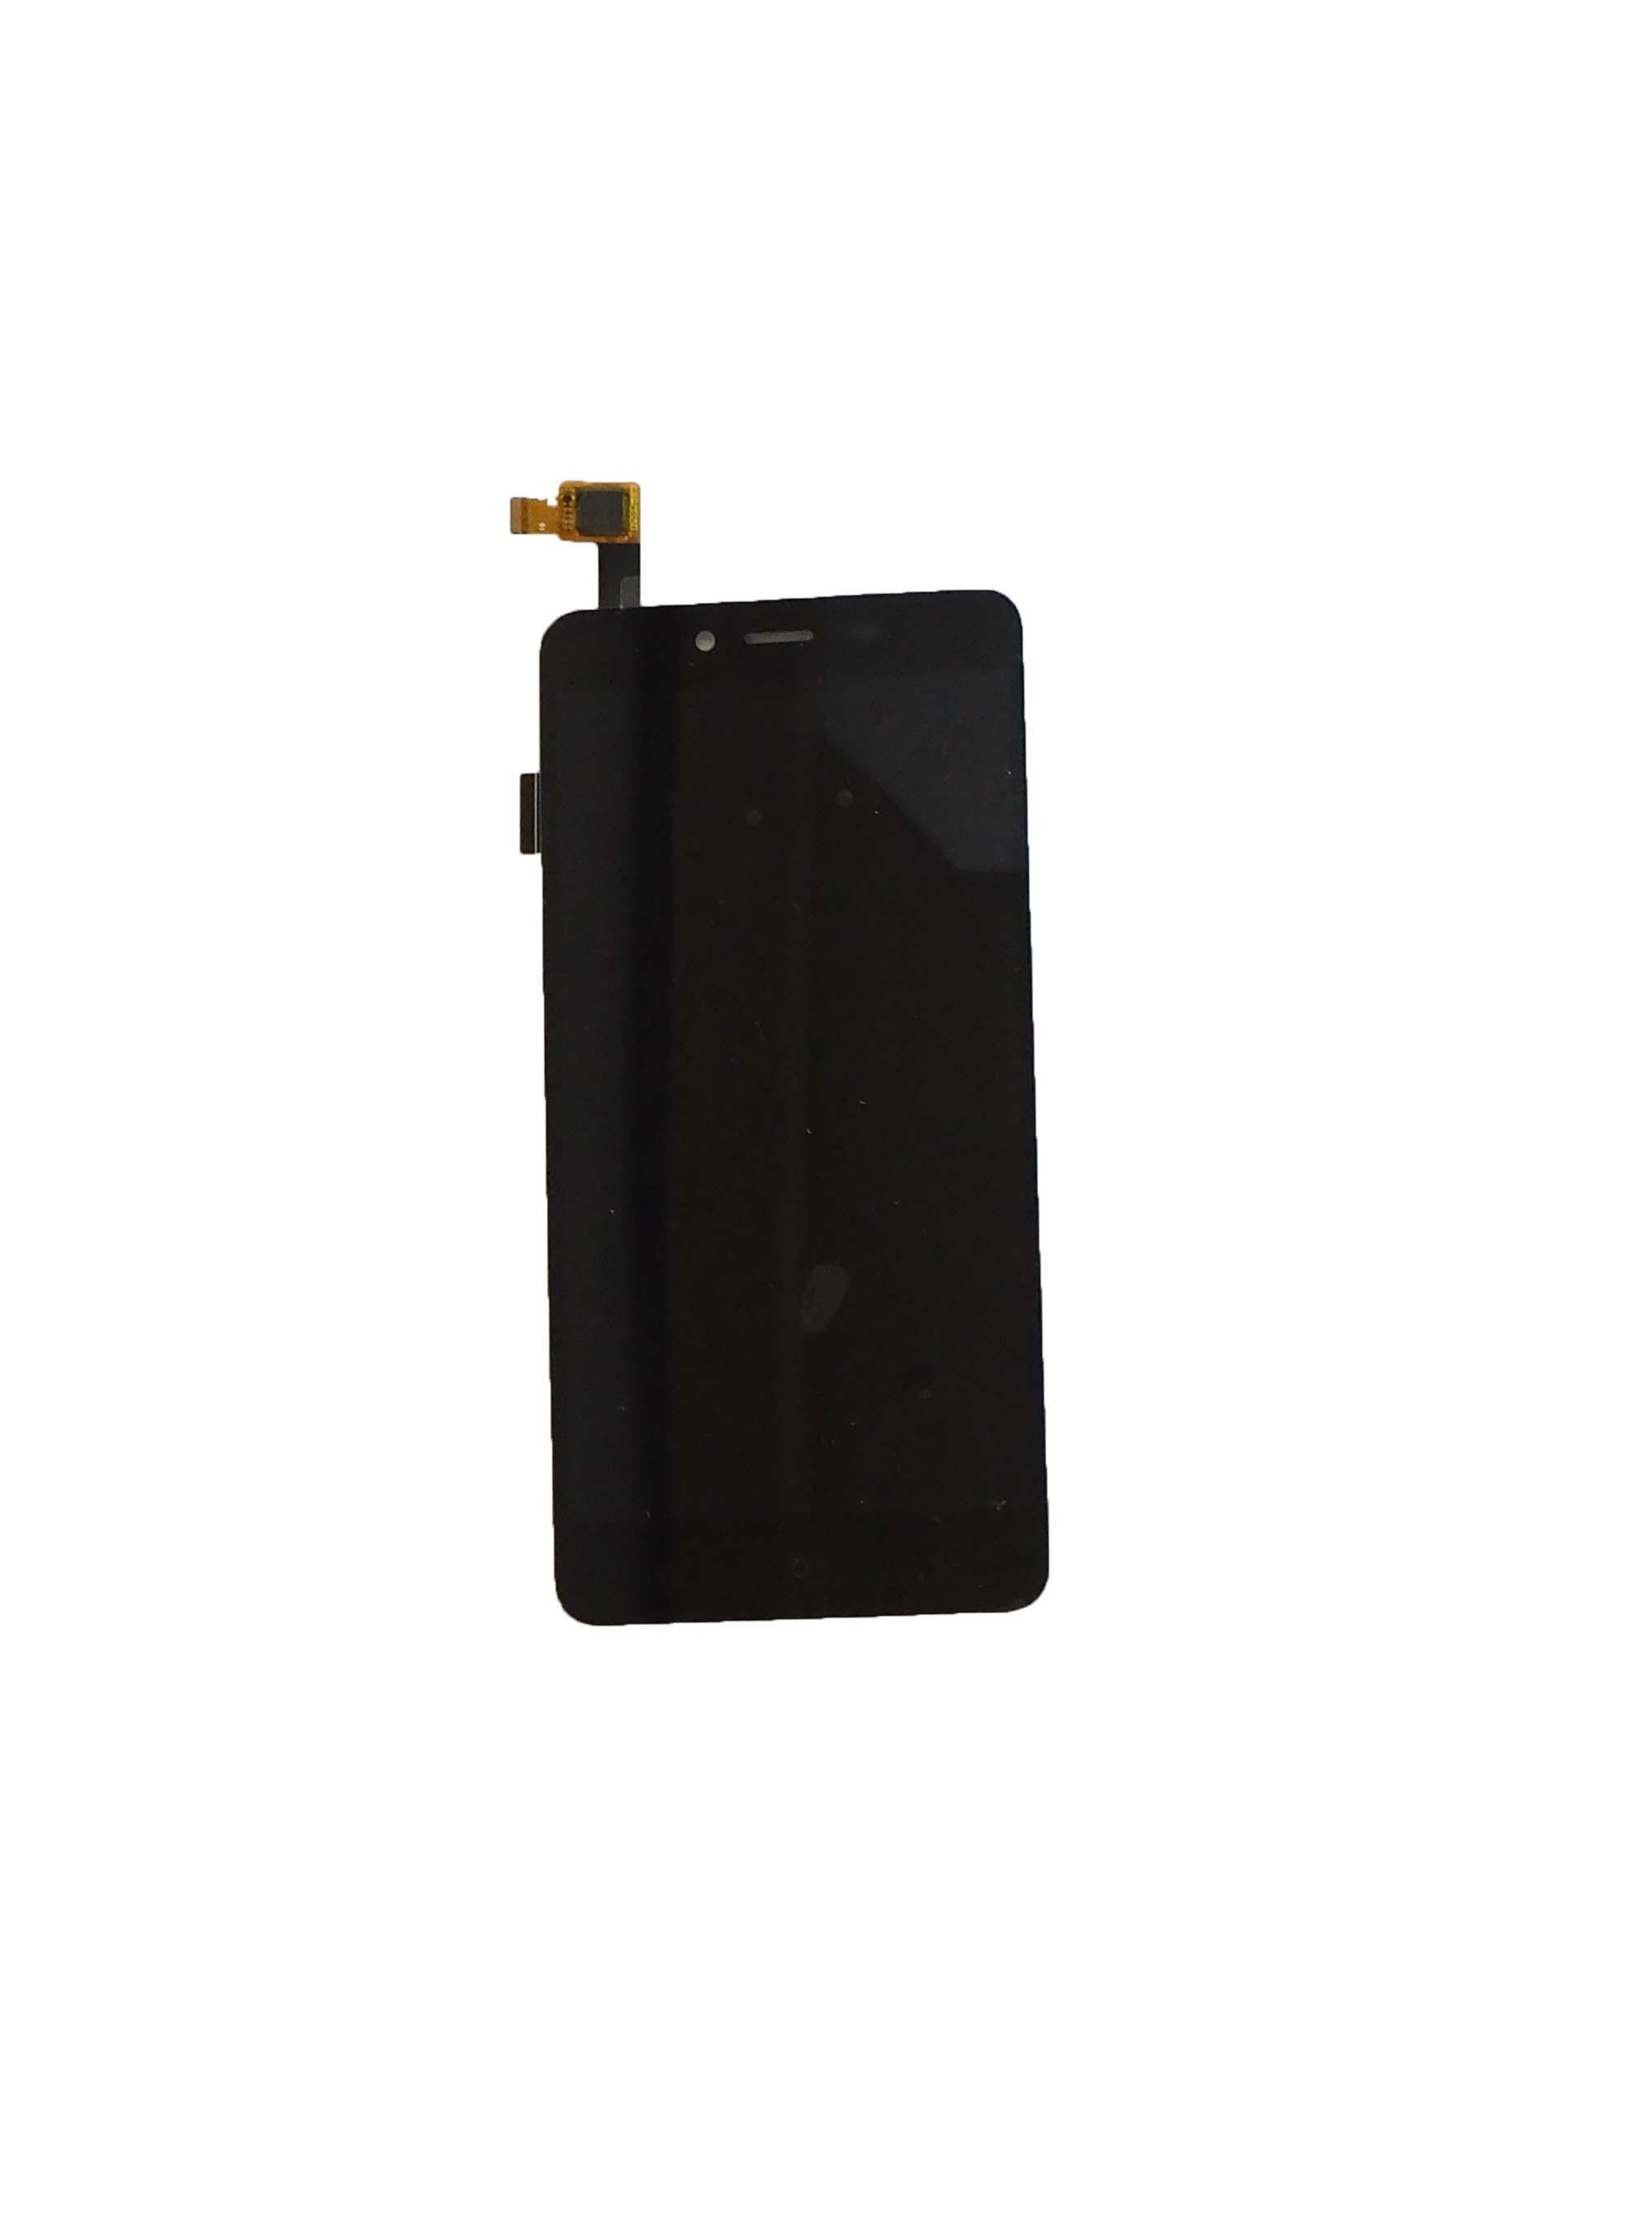 เปลี่ยนหน้าจอ Xiaomi Redmi note 2 หน้าจอแตก ทัสกรีนกดไม่ได้